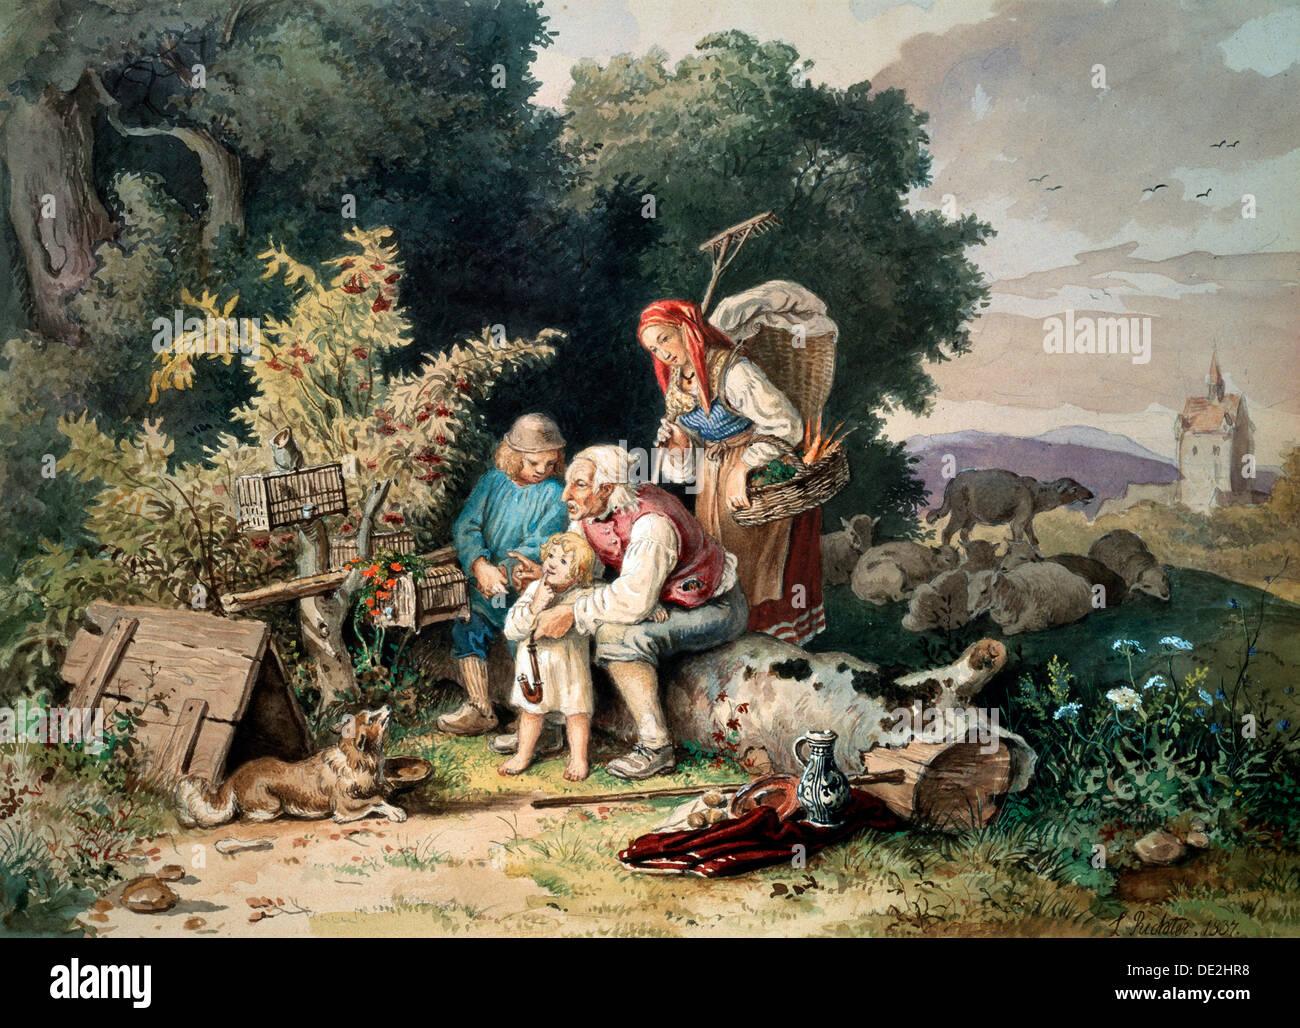 'The Shepherd's Family', 1837.  Artist: Ludwig Richter - Stock Image